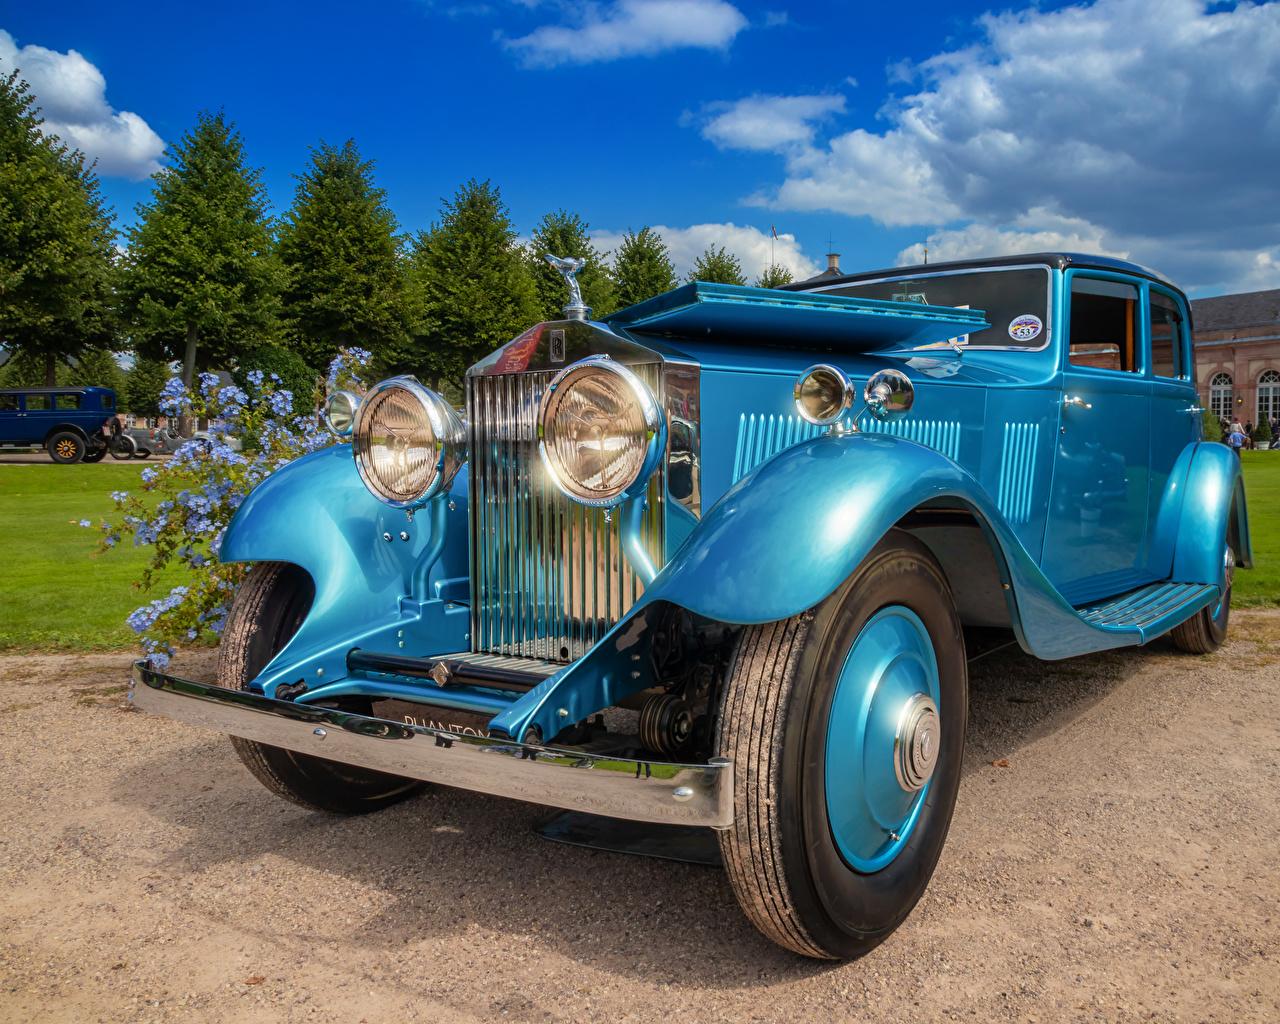 Фотография Rolls-Royce 1933 Phantom II Continental винтаж Голубой машины Роллс ройс Ретро голубая голубые голубых старинные авто машина Автомобили автомобиль